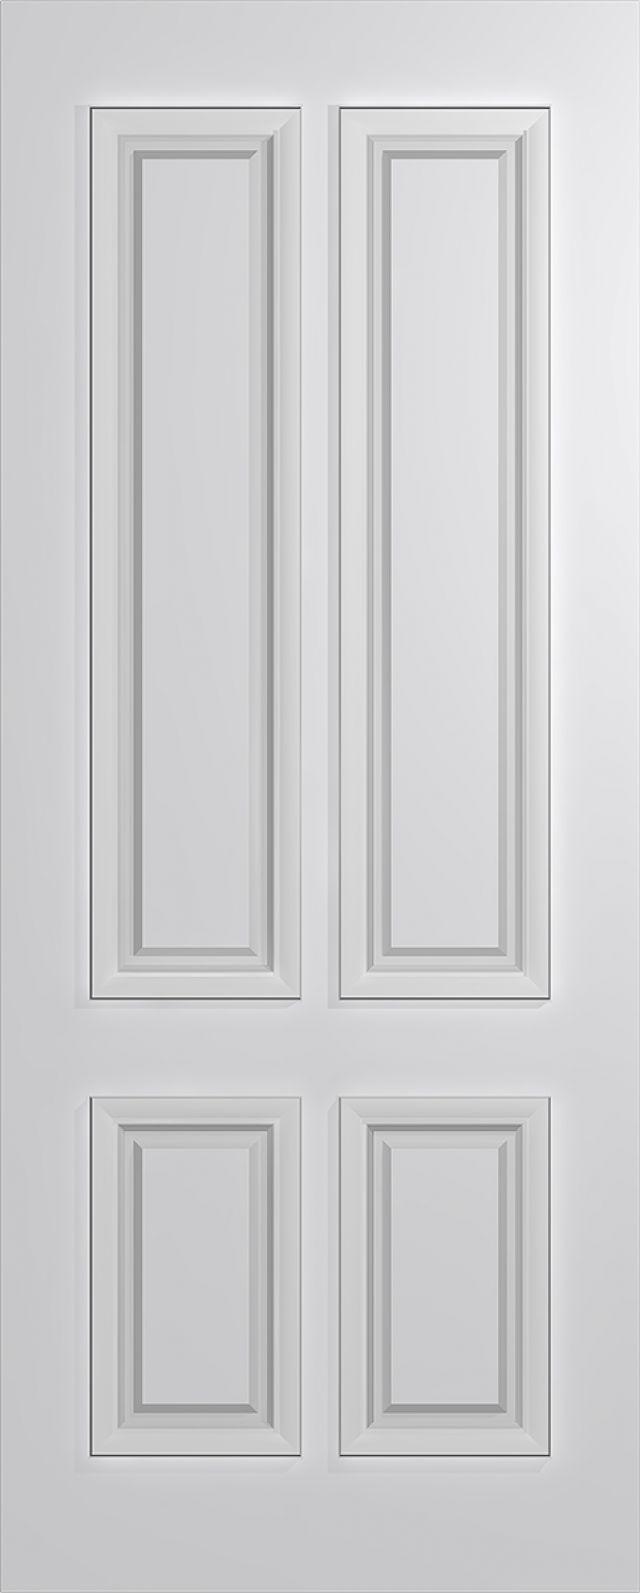 sc 1 st  Hume Doors & XVP11 | Vaucluse Premier | Hume Doors